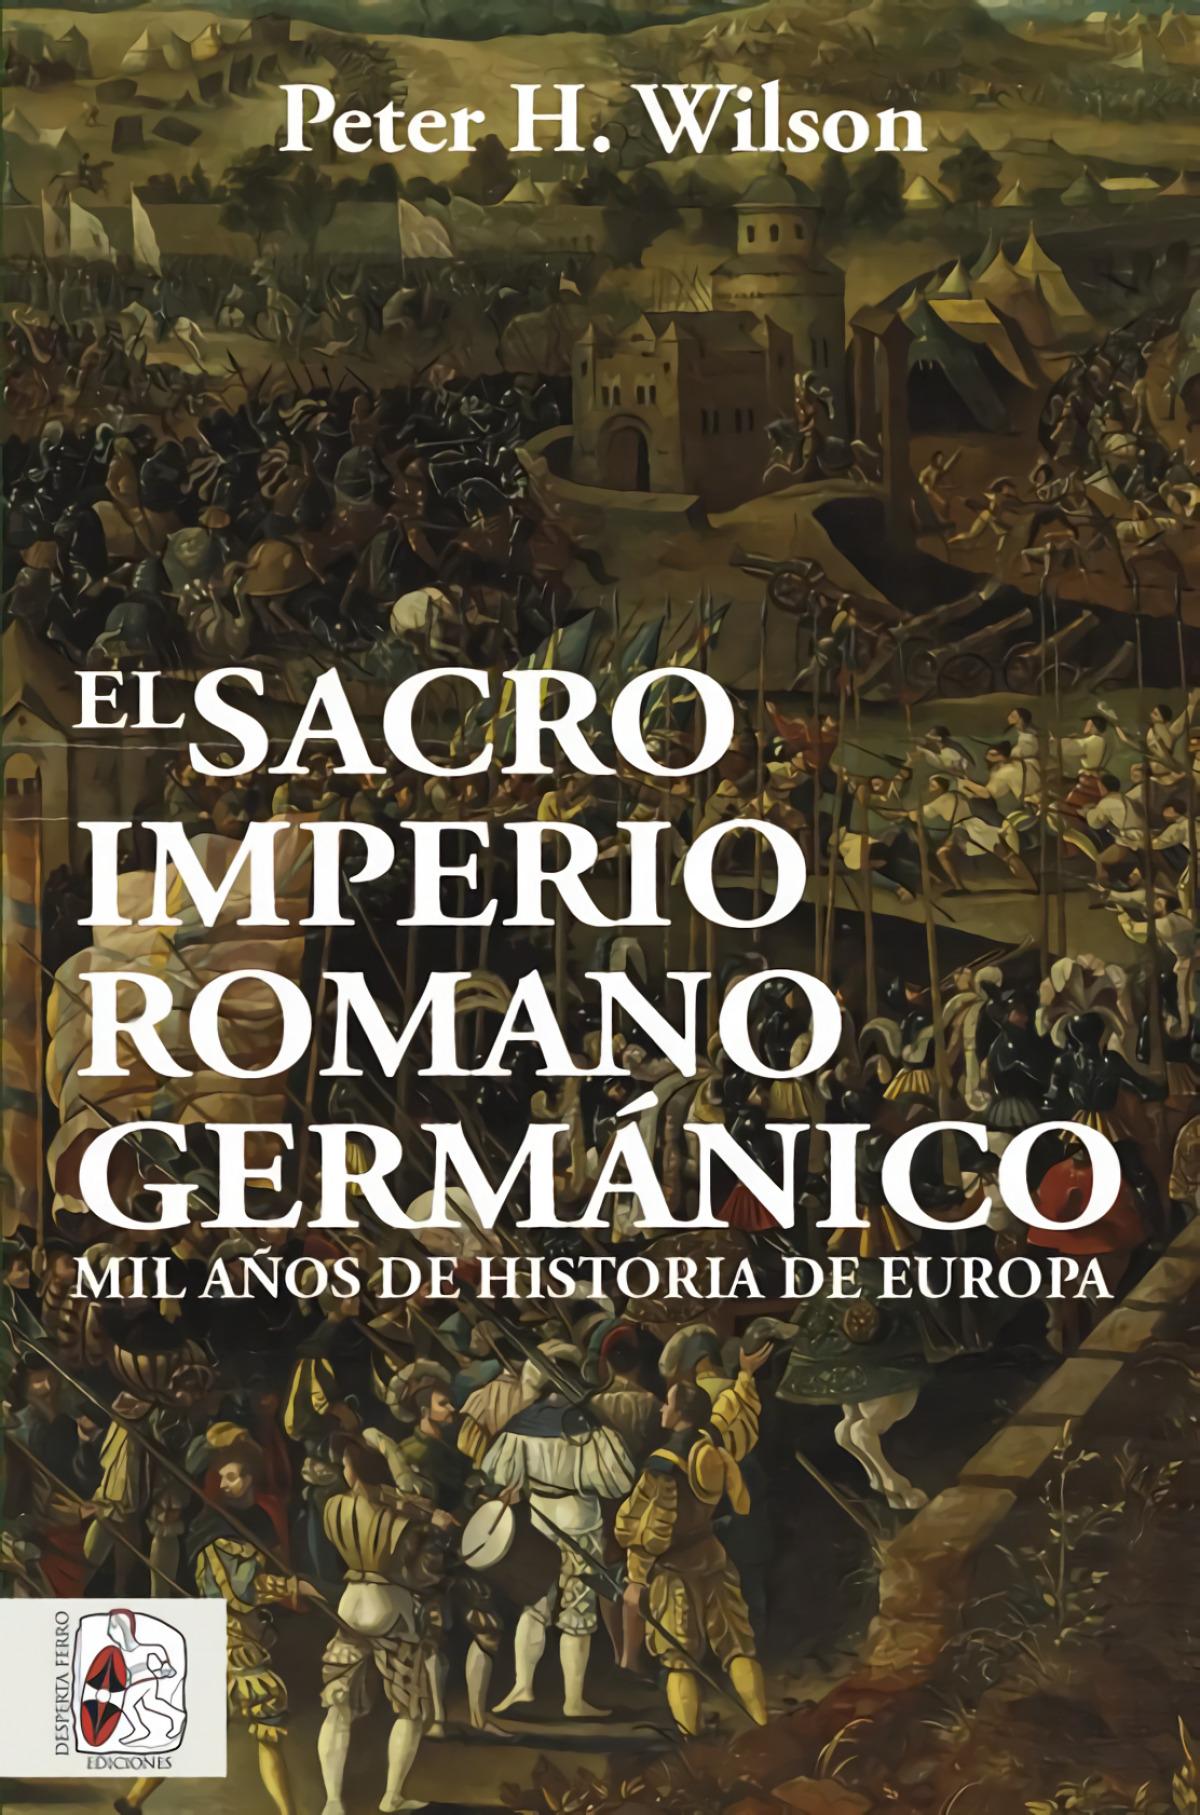 El Sacro Imperio Romano Germánico 9788412105322